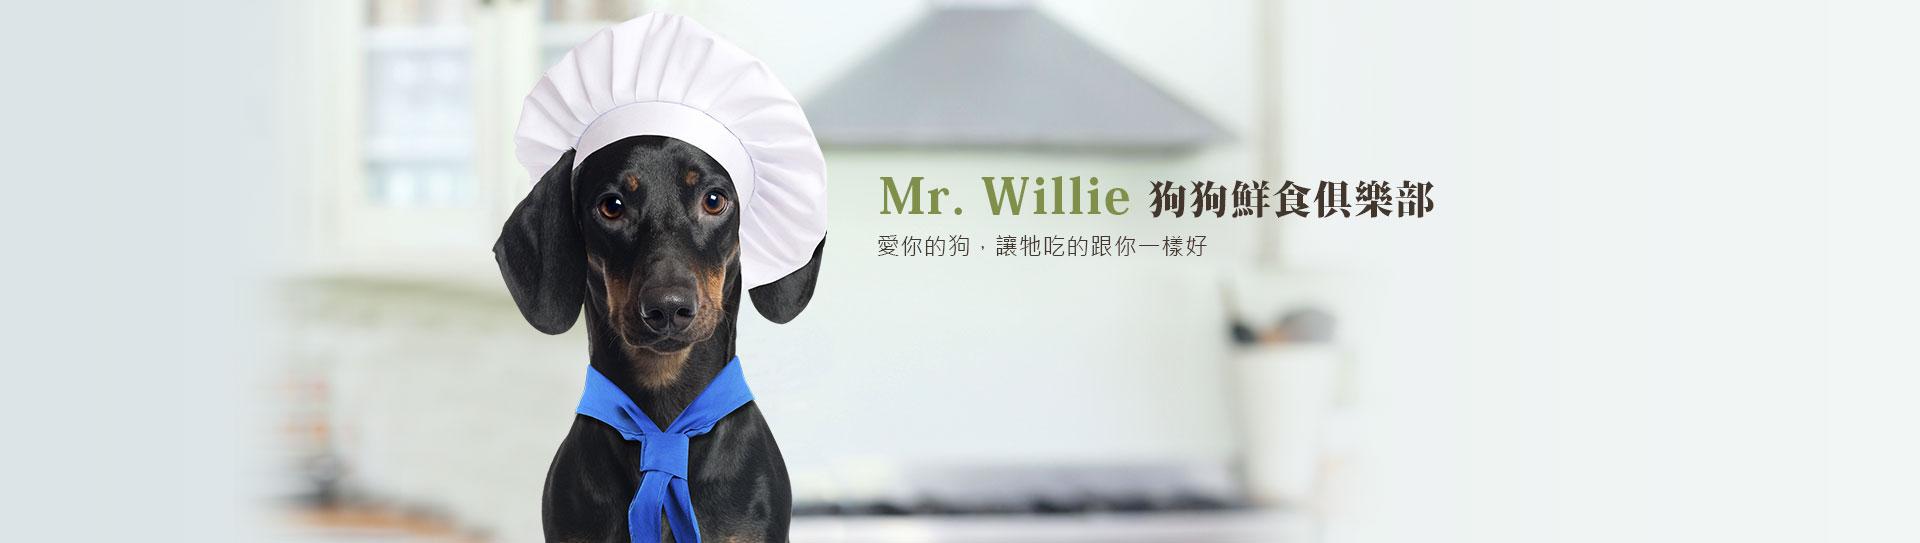 專業部長Mr. Willie,無私分享